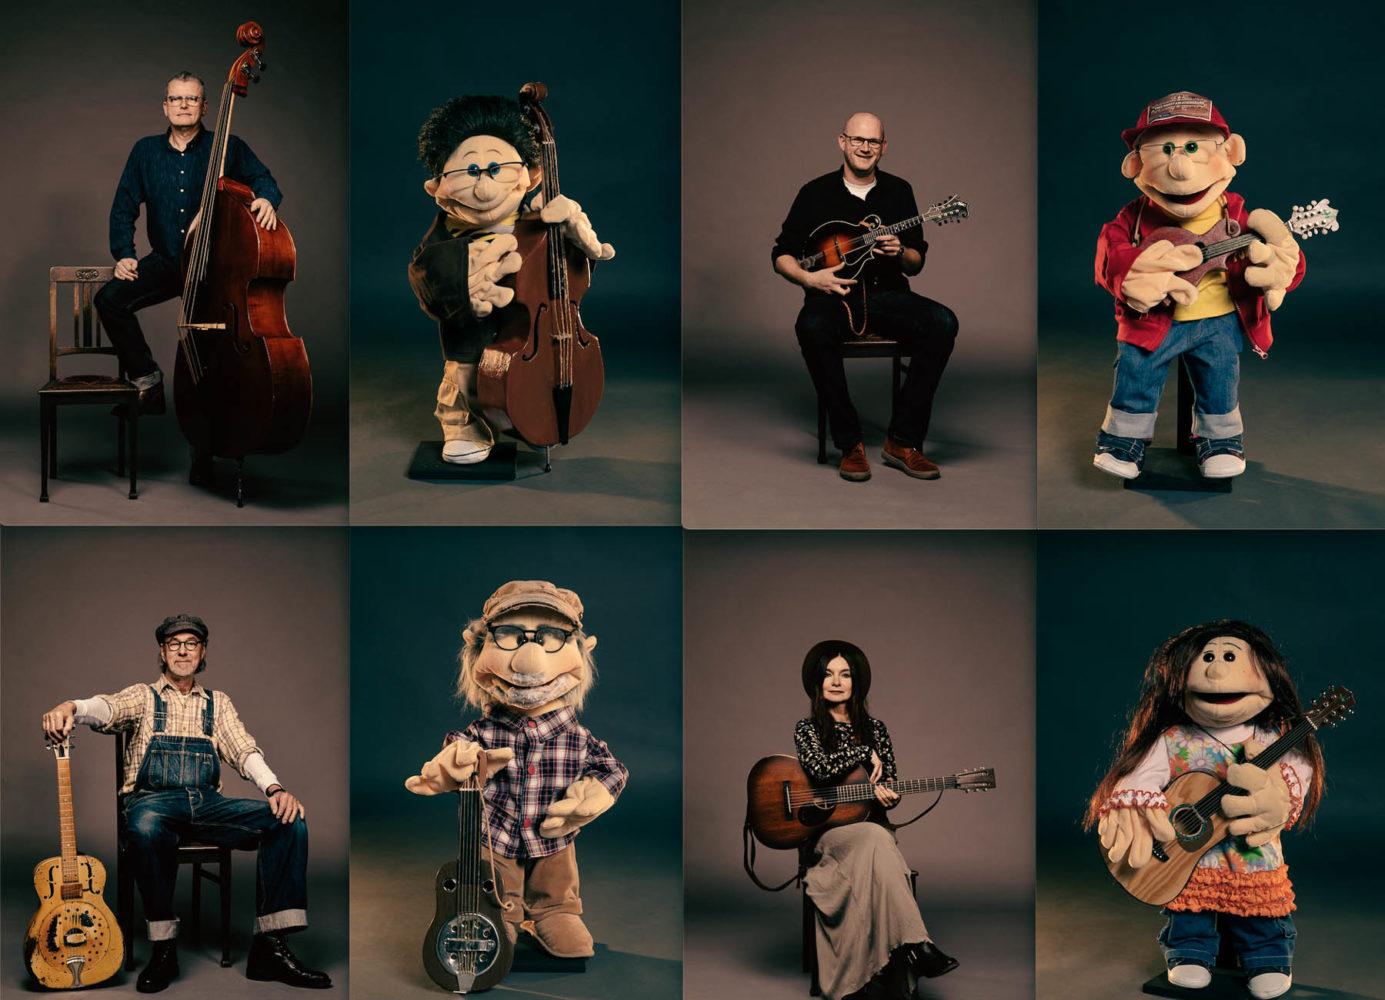 Gruppenbild mit Puppen: Die Doppelgänger der Tree Mountain Stringband können auch in Corona-Zeiten gemeinsam musizieren. Foto: Lalieproduktion.